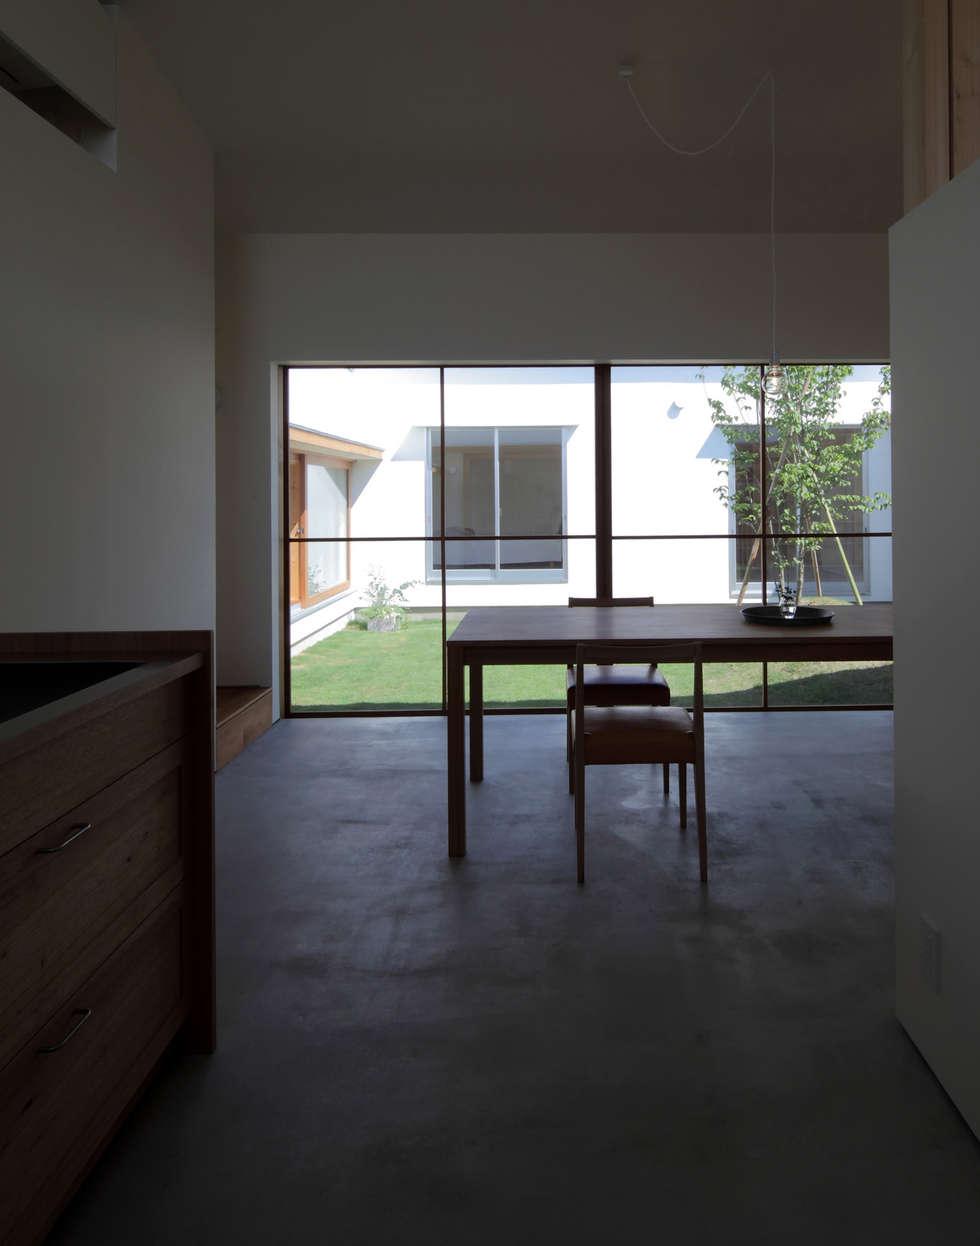 キッチンより中庭を眺める: 松原建築計画 / Matsubara Architect Design Officeが手掛けたリビングです。